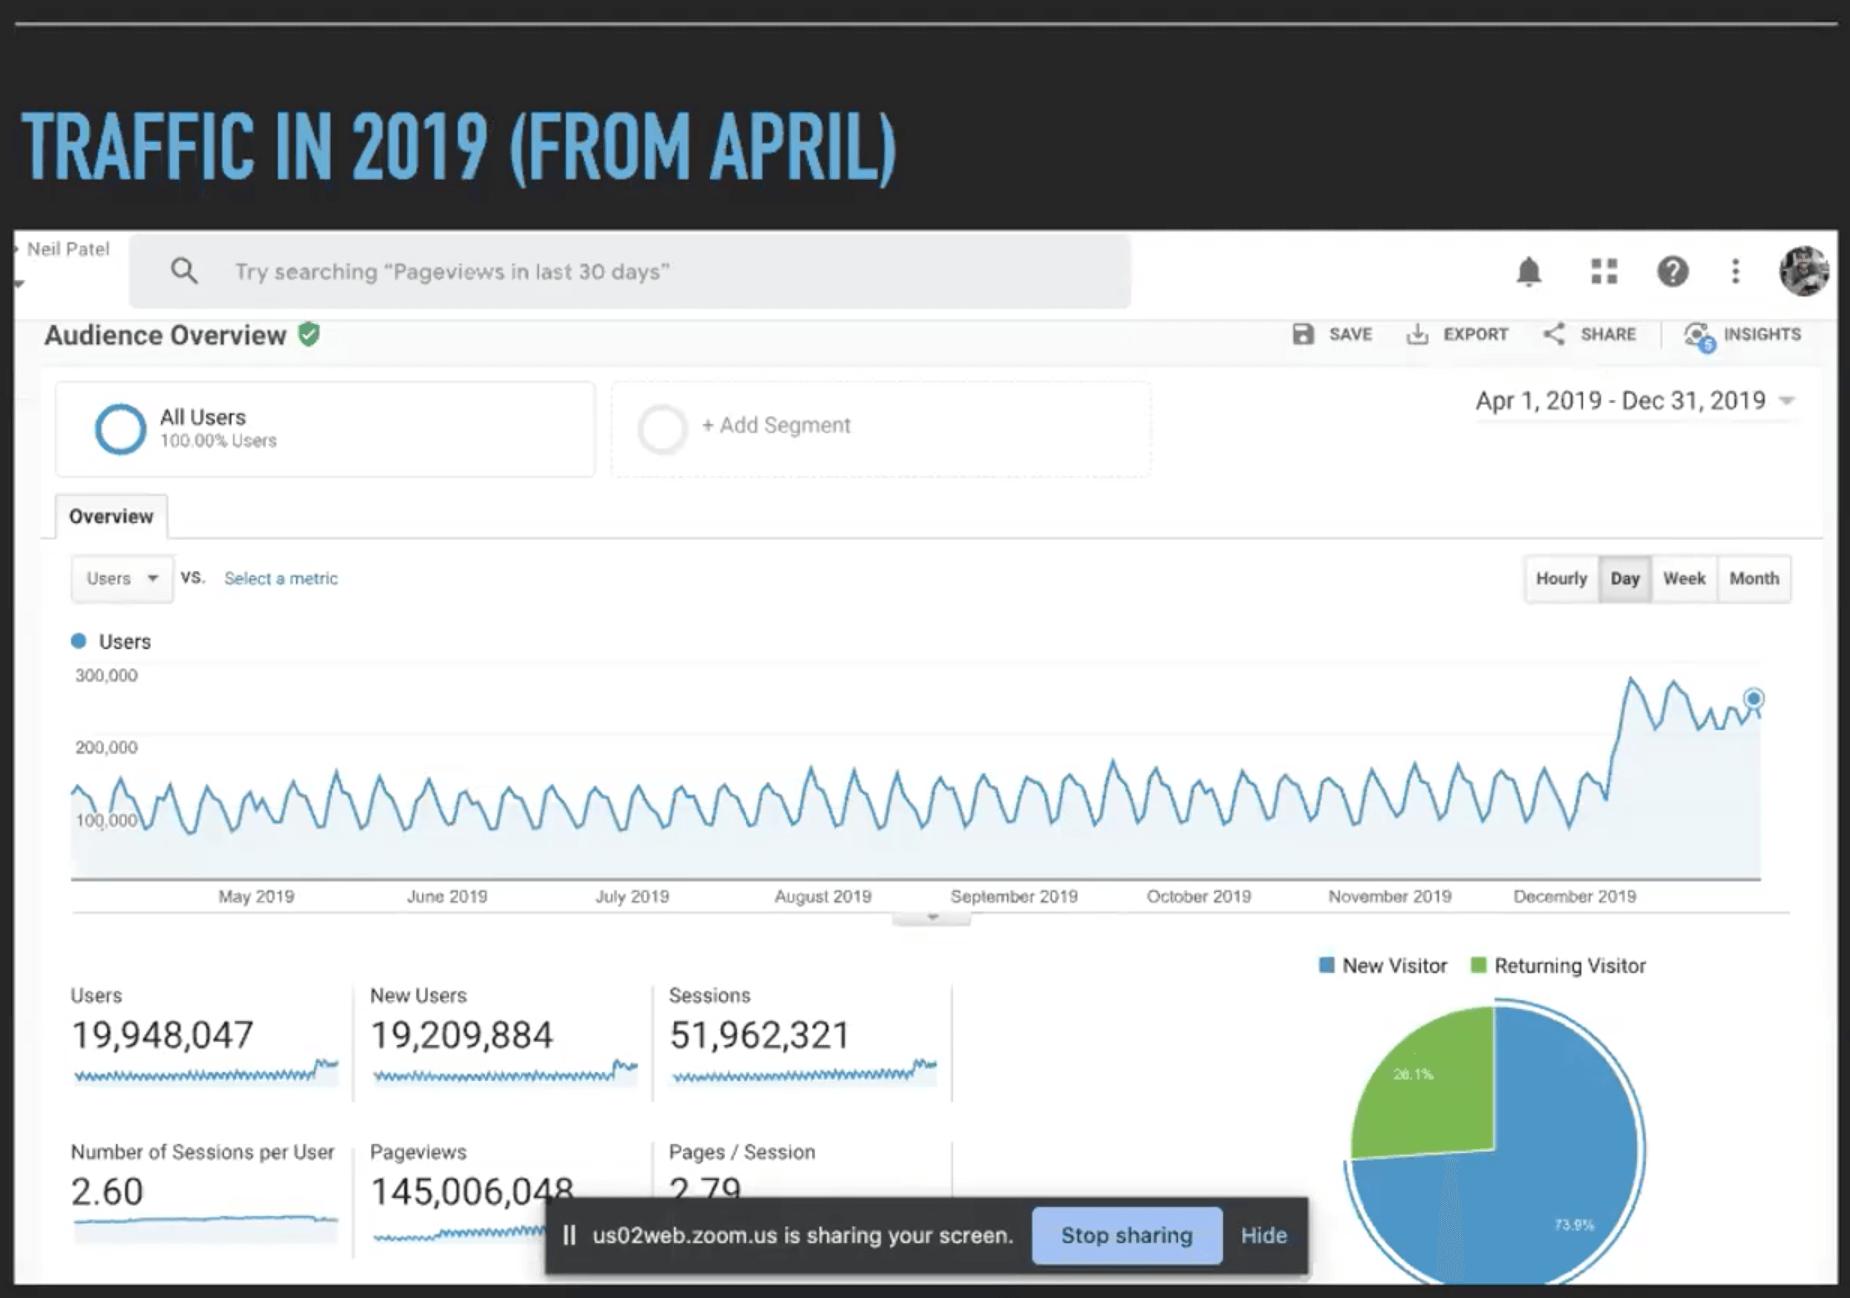 courbe du trafic du site web neilpatel.com en 2019